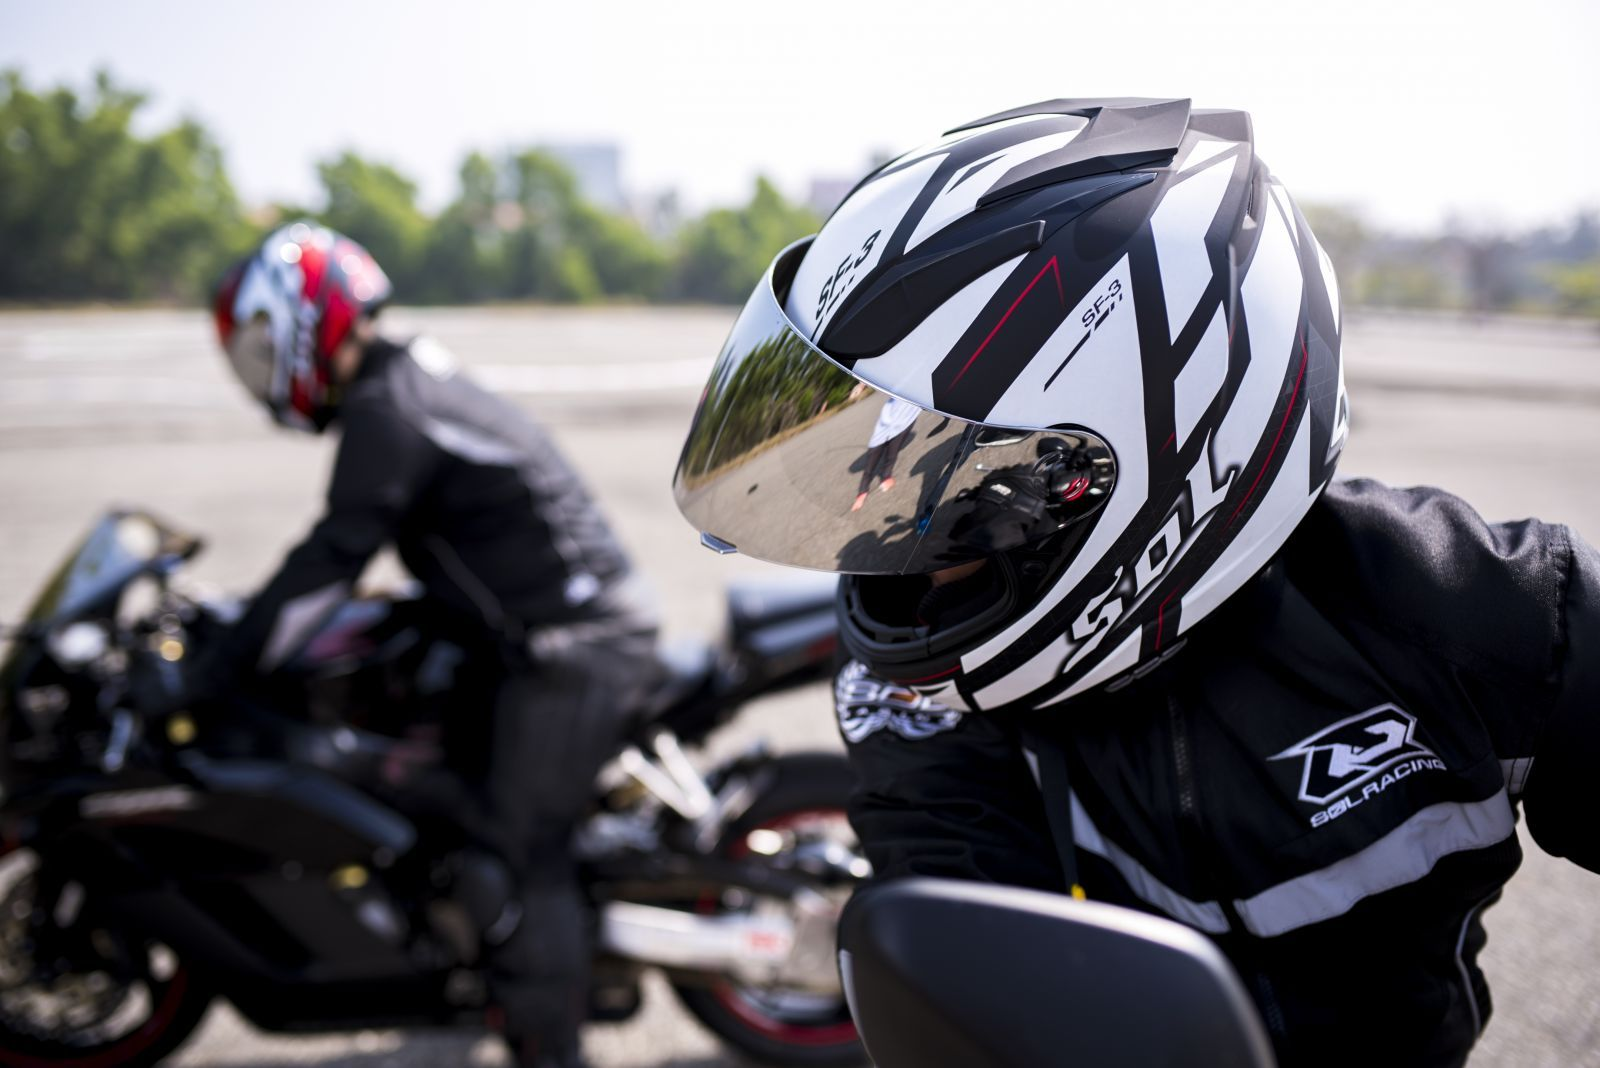 Gloss White FLY STREET 2017 REVOLT FS Full-Face Motorcycle Helmet Choose Size